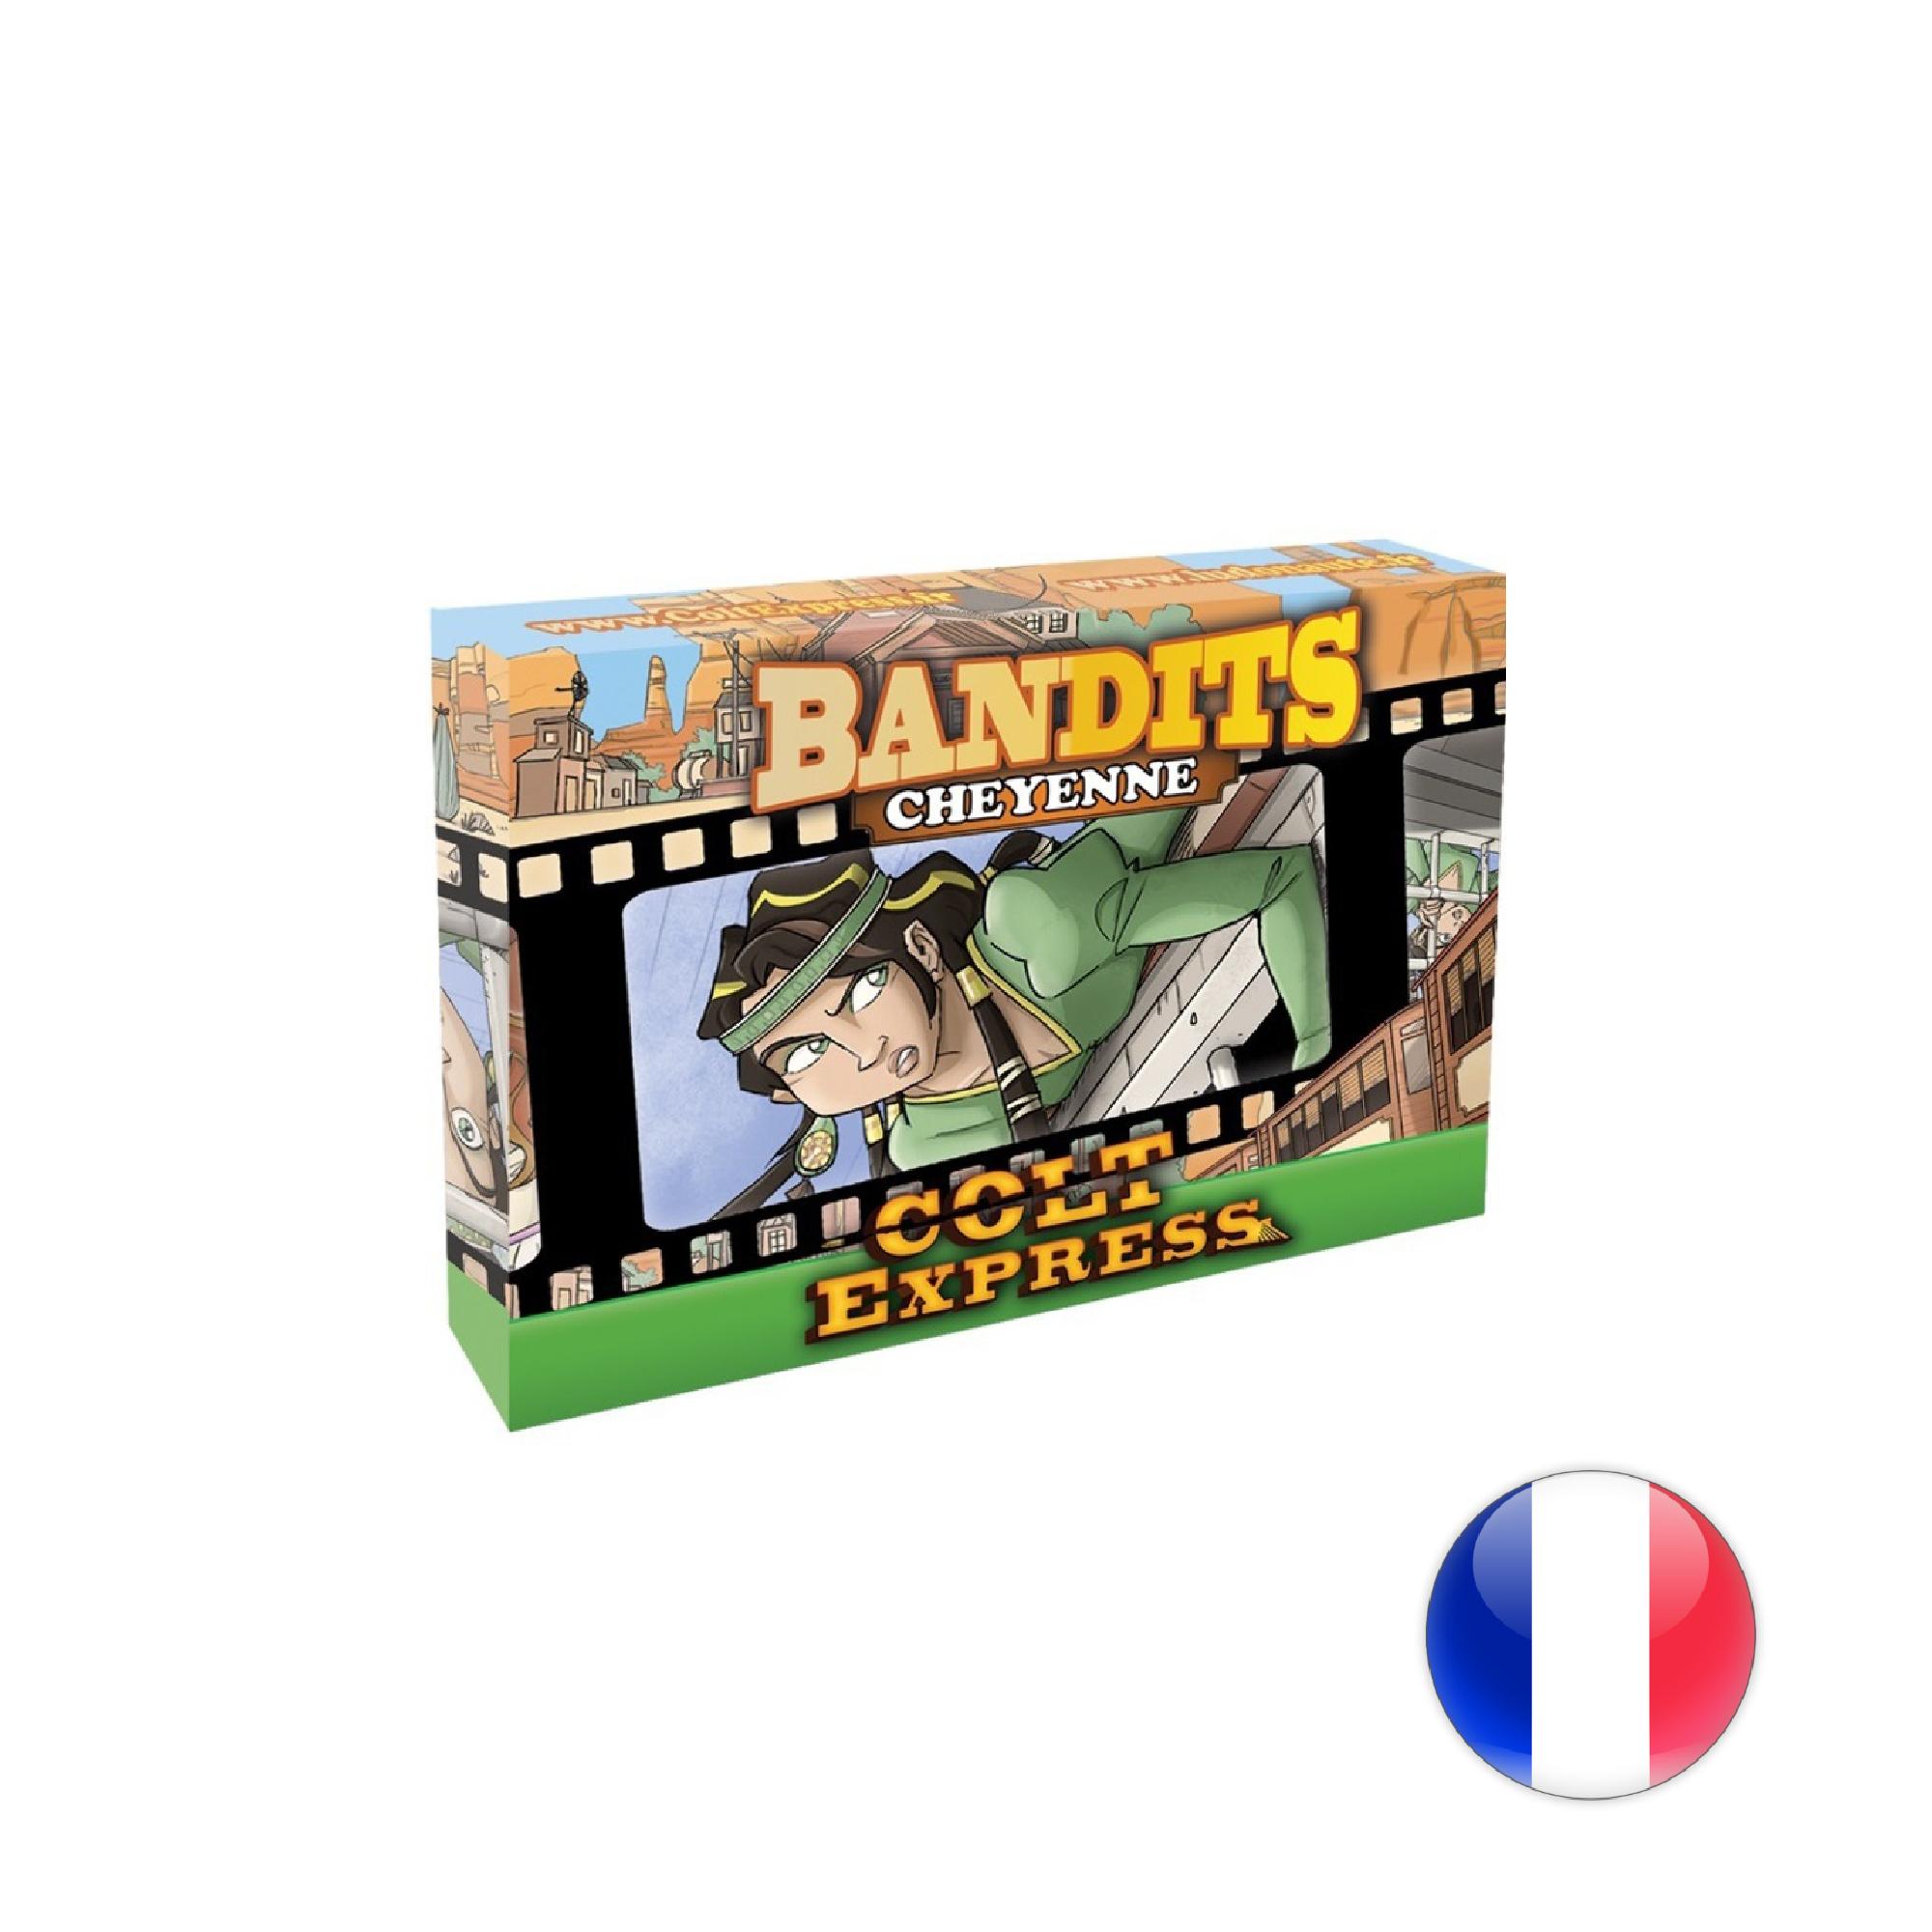 Ludonaute Colt Express Bandit: Chayenne VF